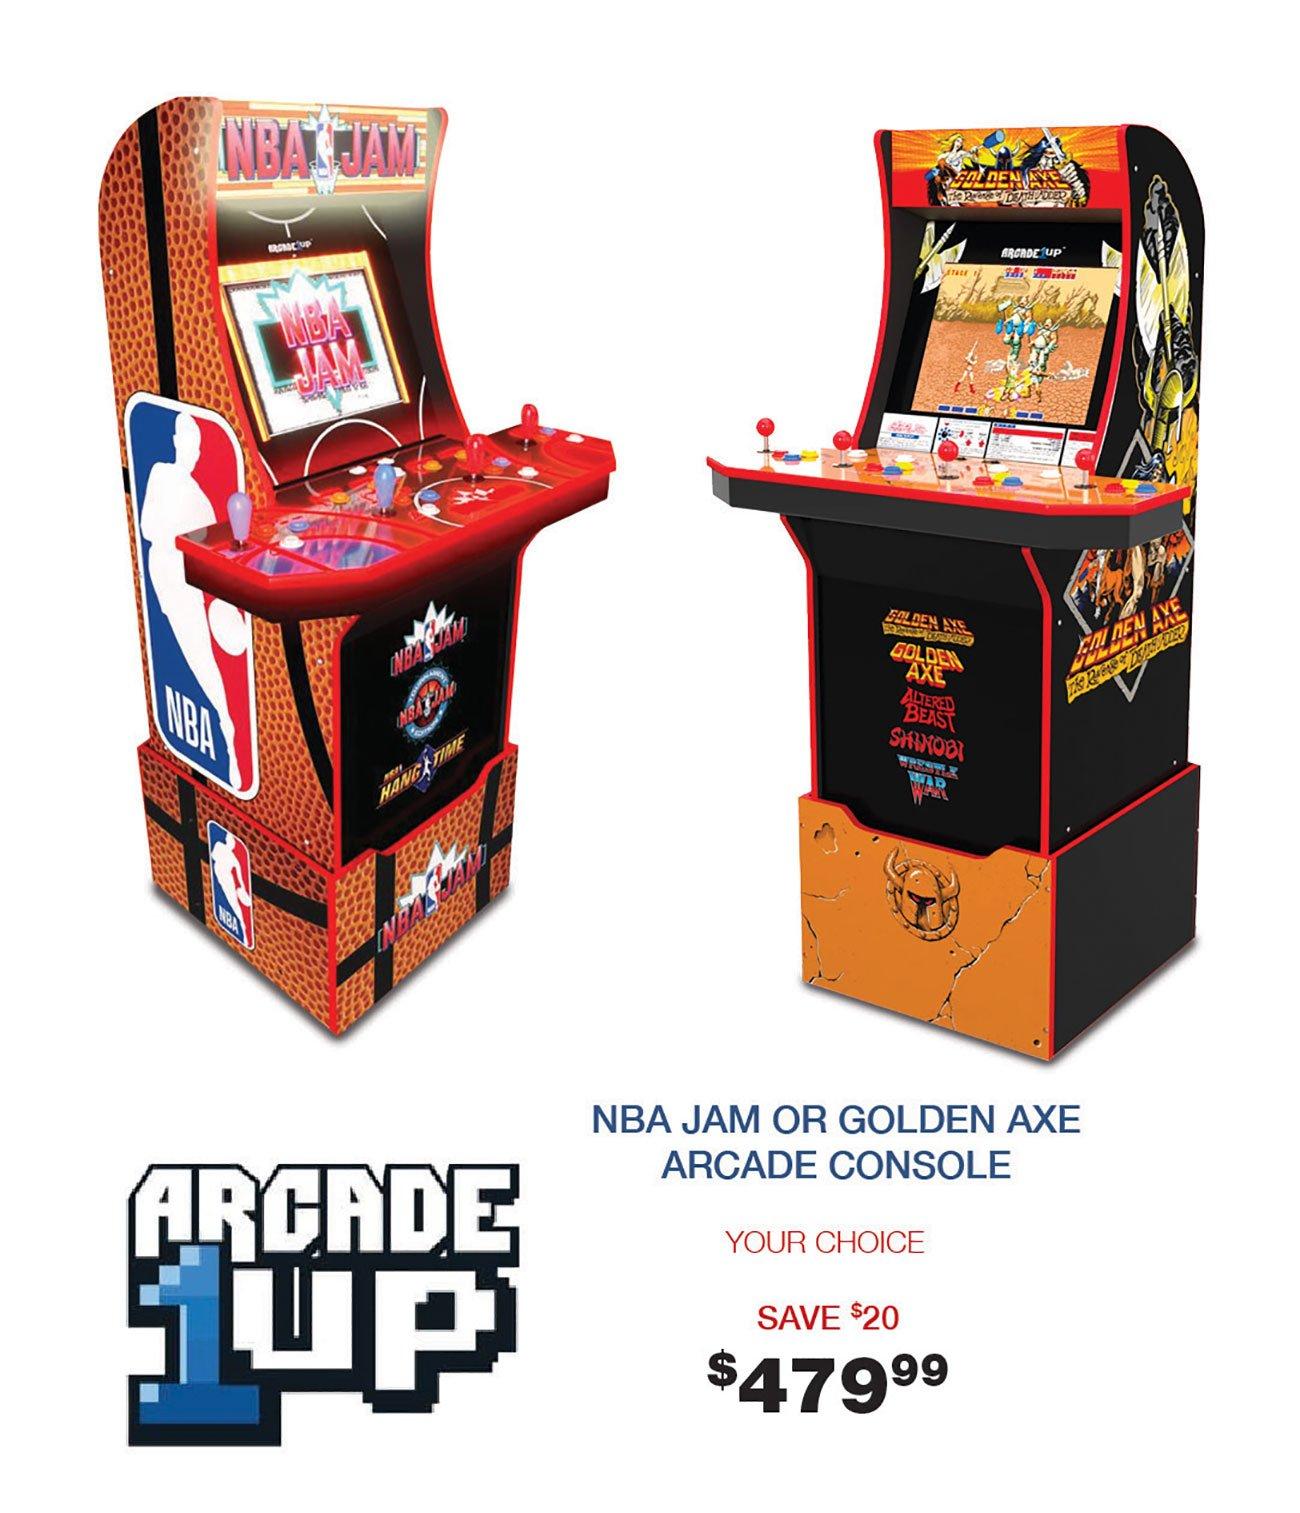 Arcade-1UP-NBA-or-Golden-Axe